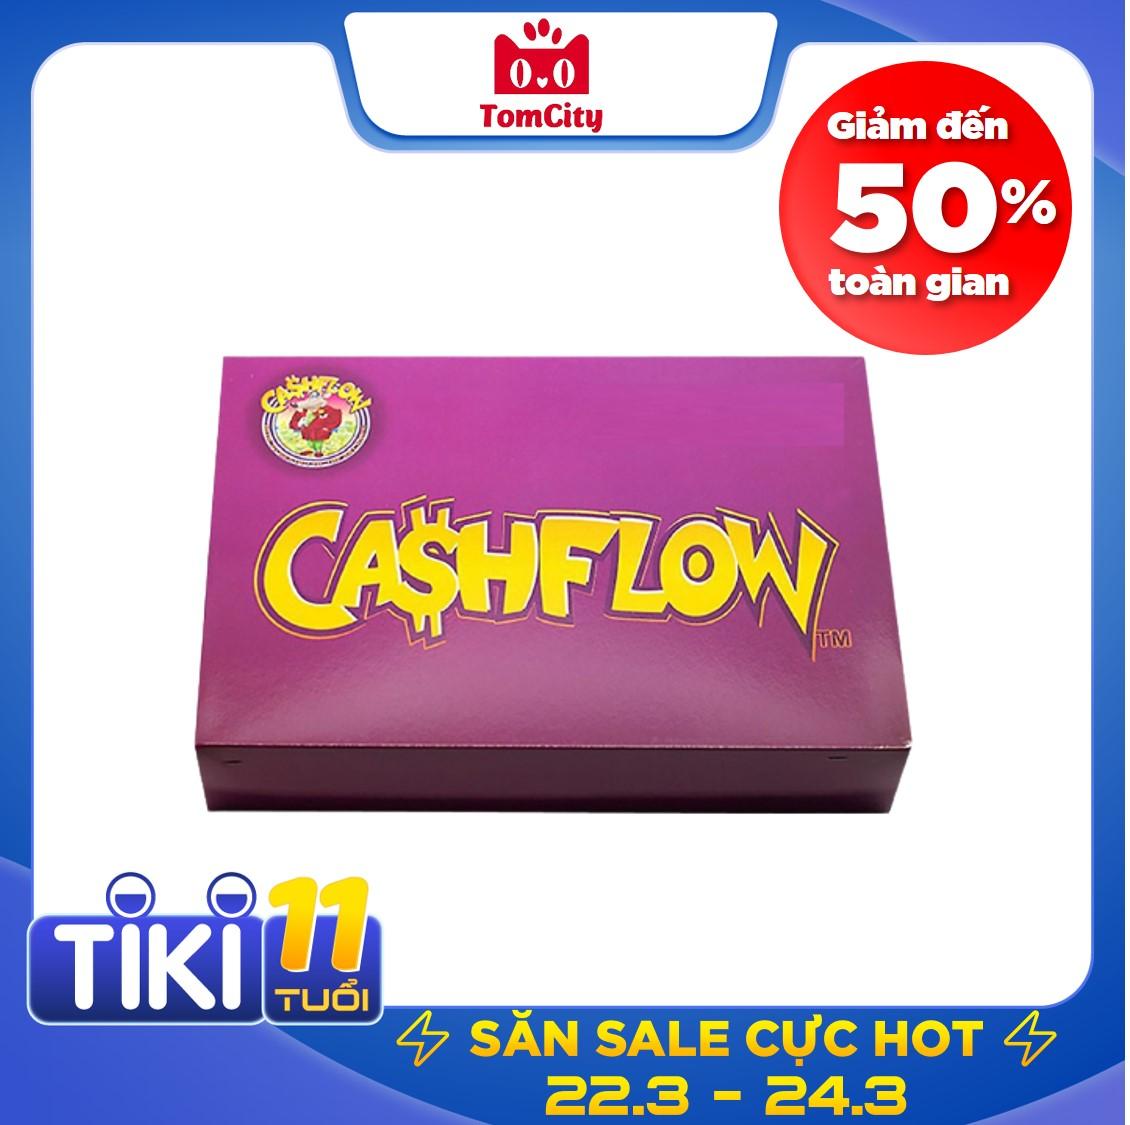 Cashflow 101 game tài chính làm giàu